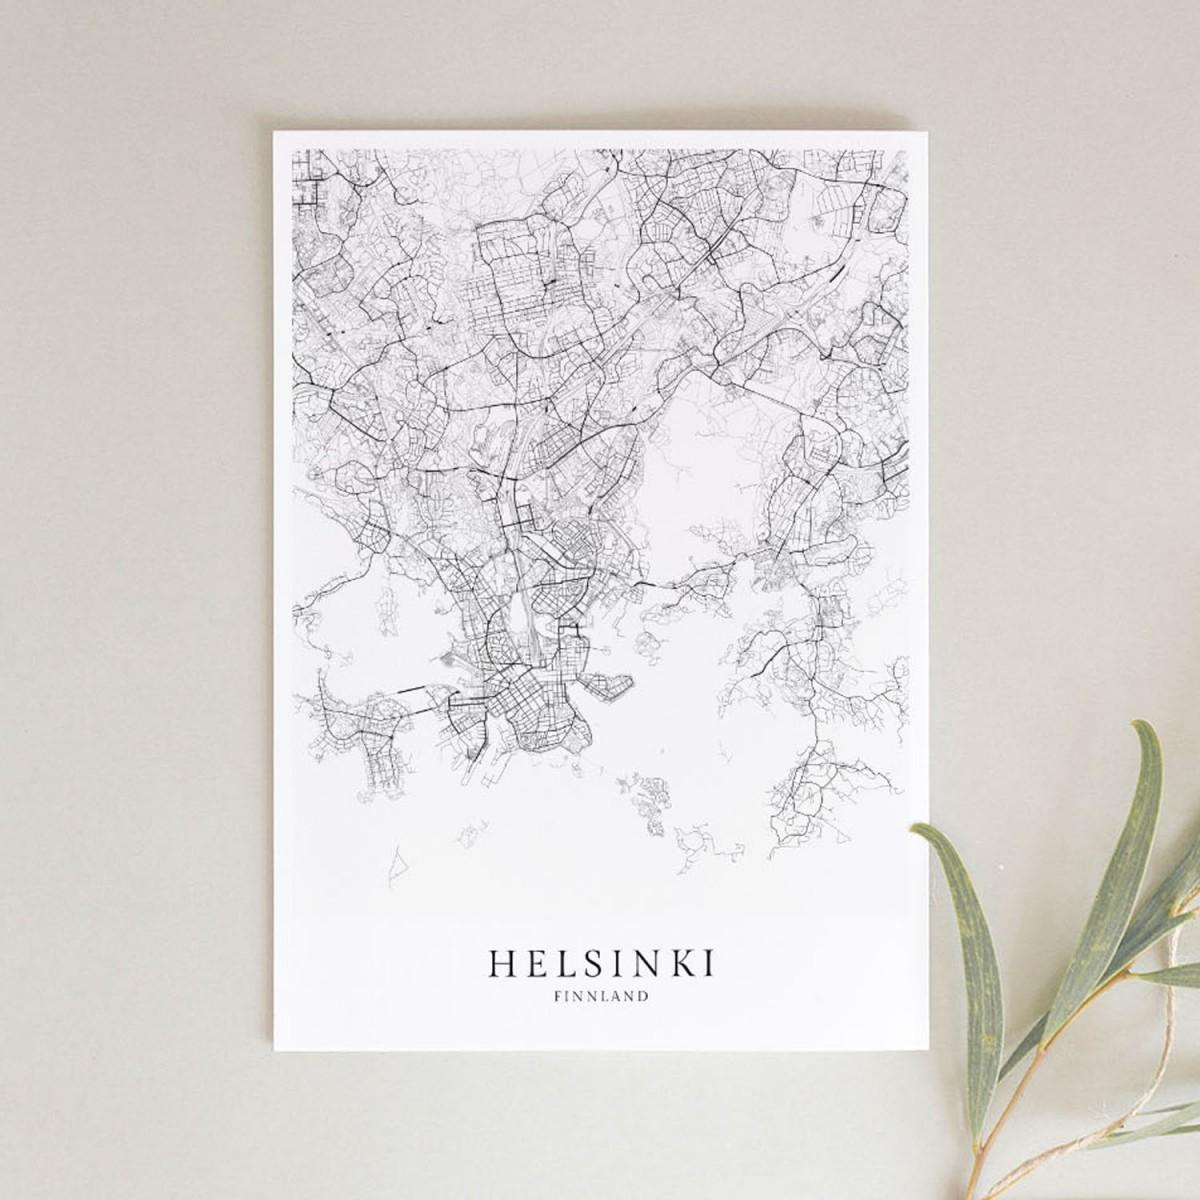 HELSINKI als hochwertiges Poster im skandinavischen Stil von Skanemarie